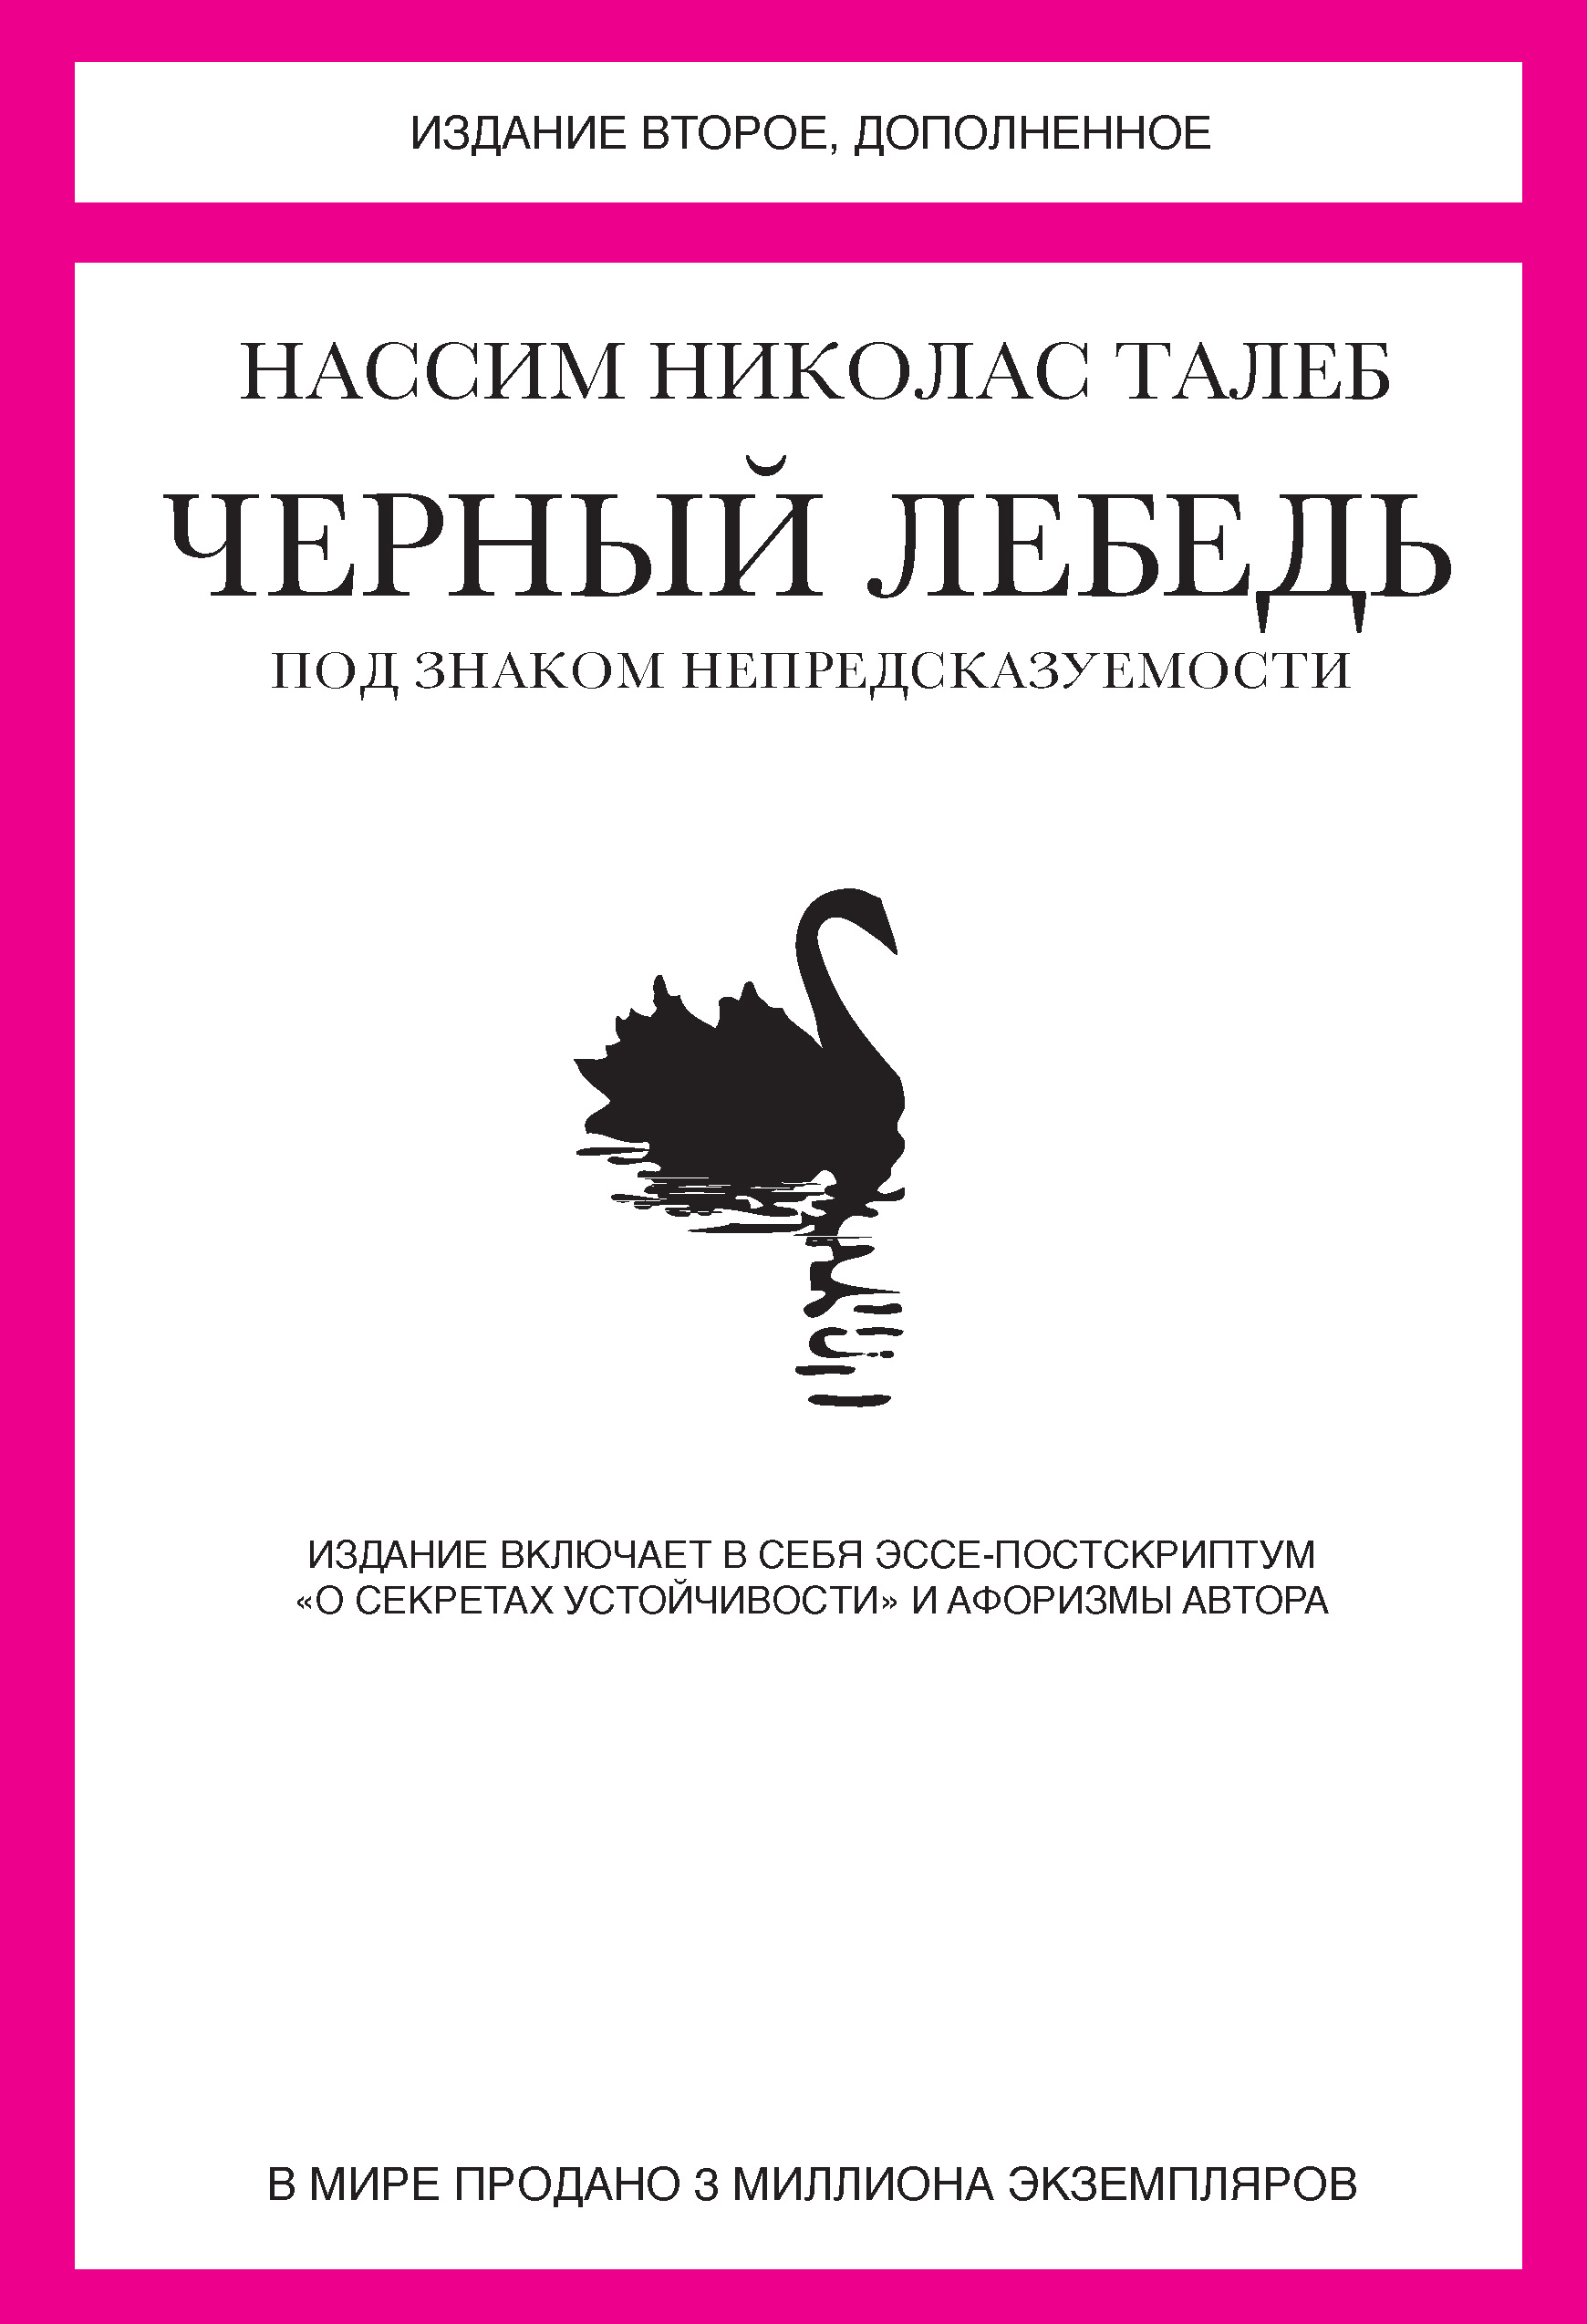 Нассим Николас Талеб - Черный лебедь. Под знаком непредсказуемости (сборник)